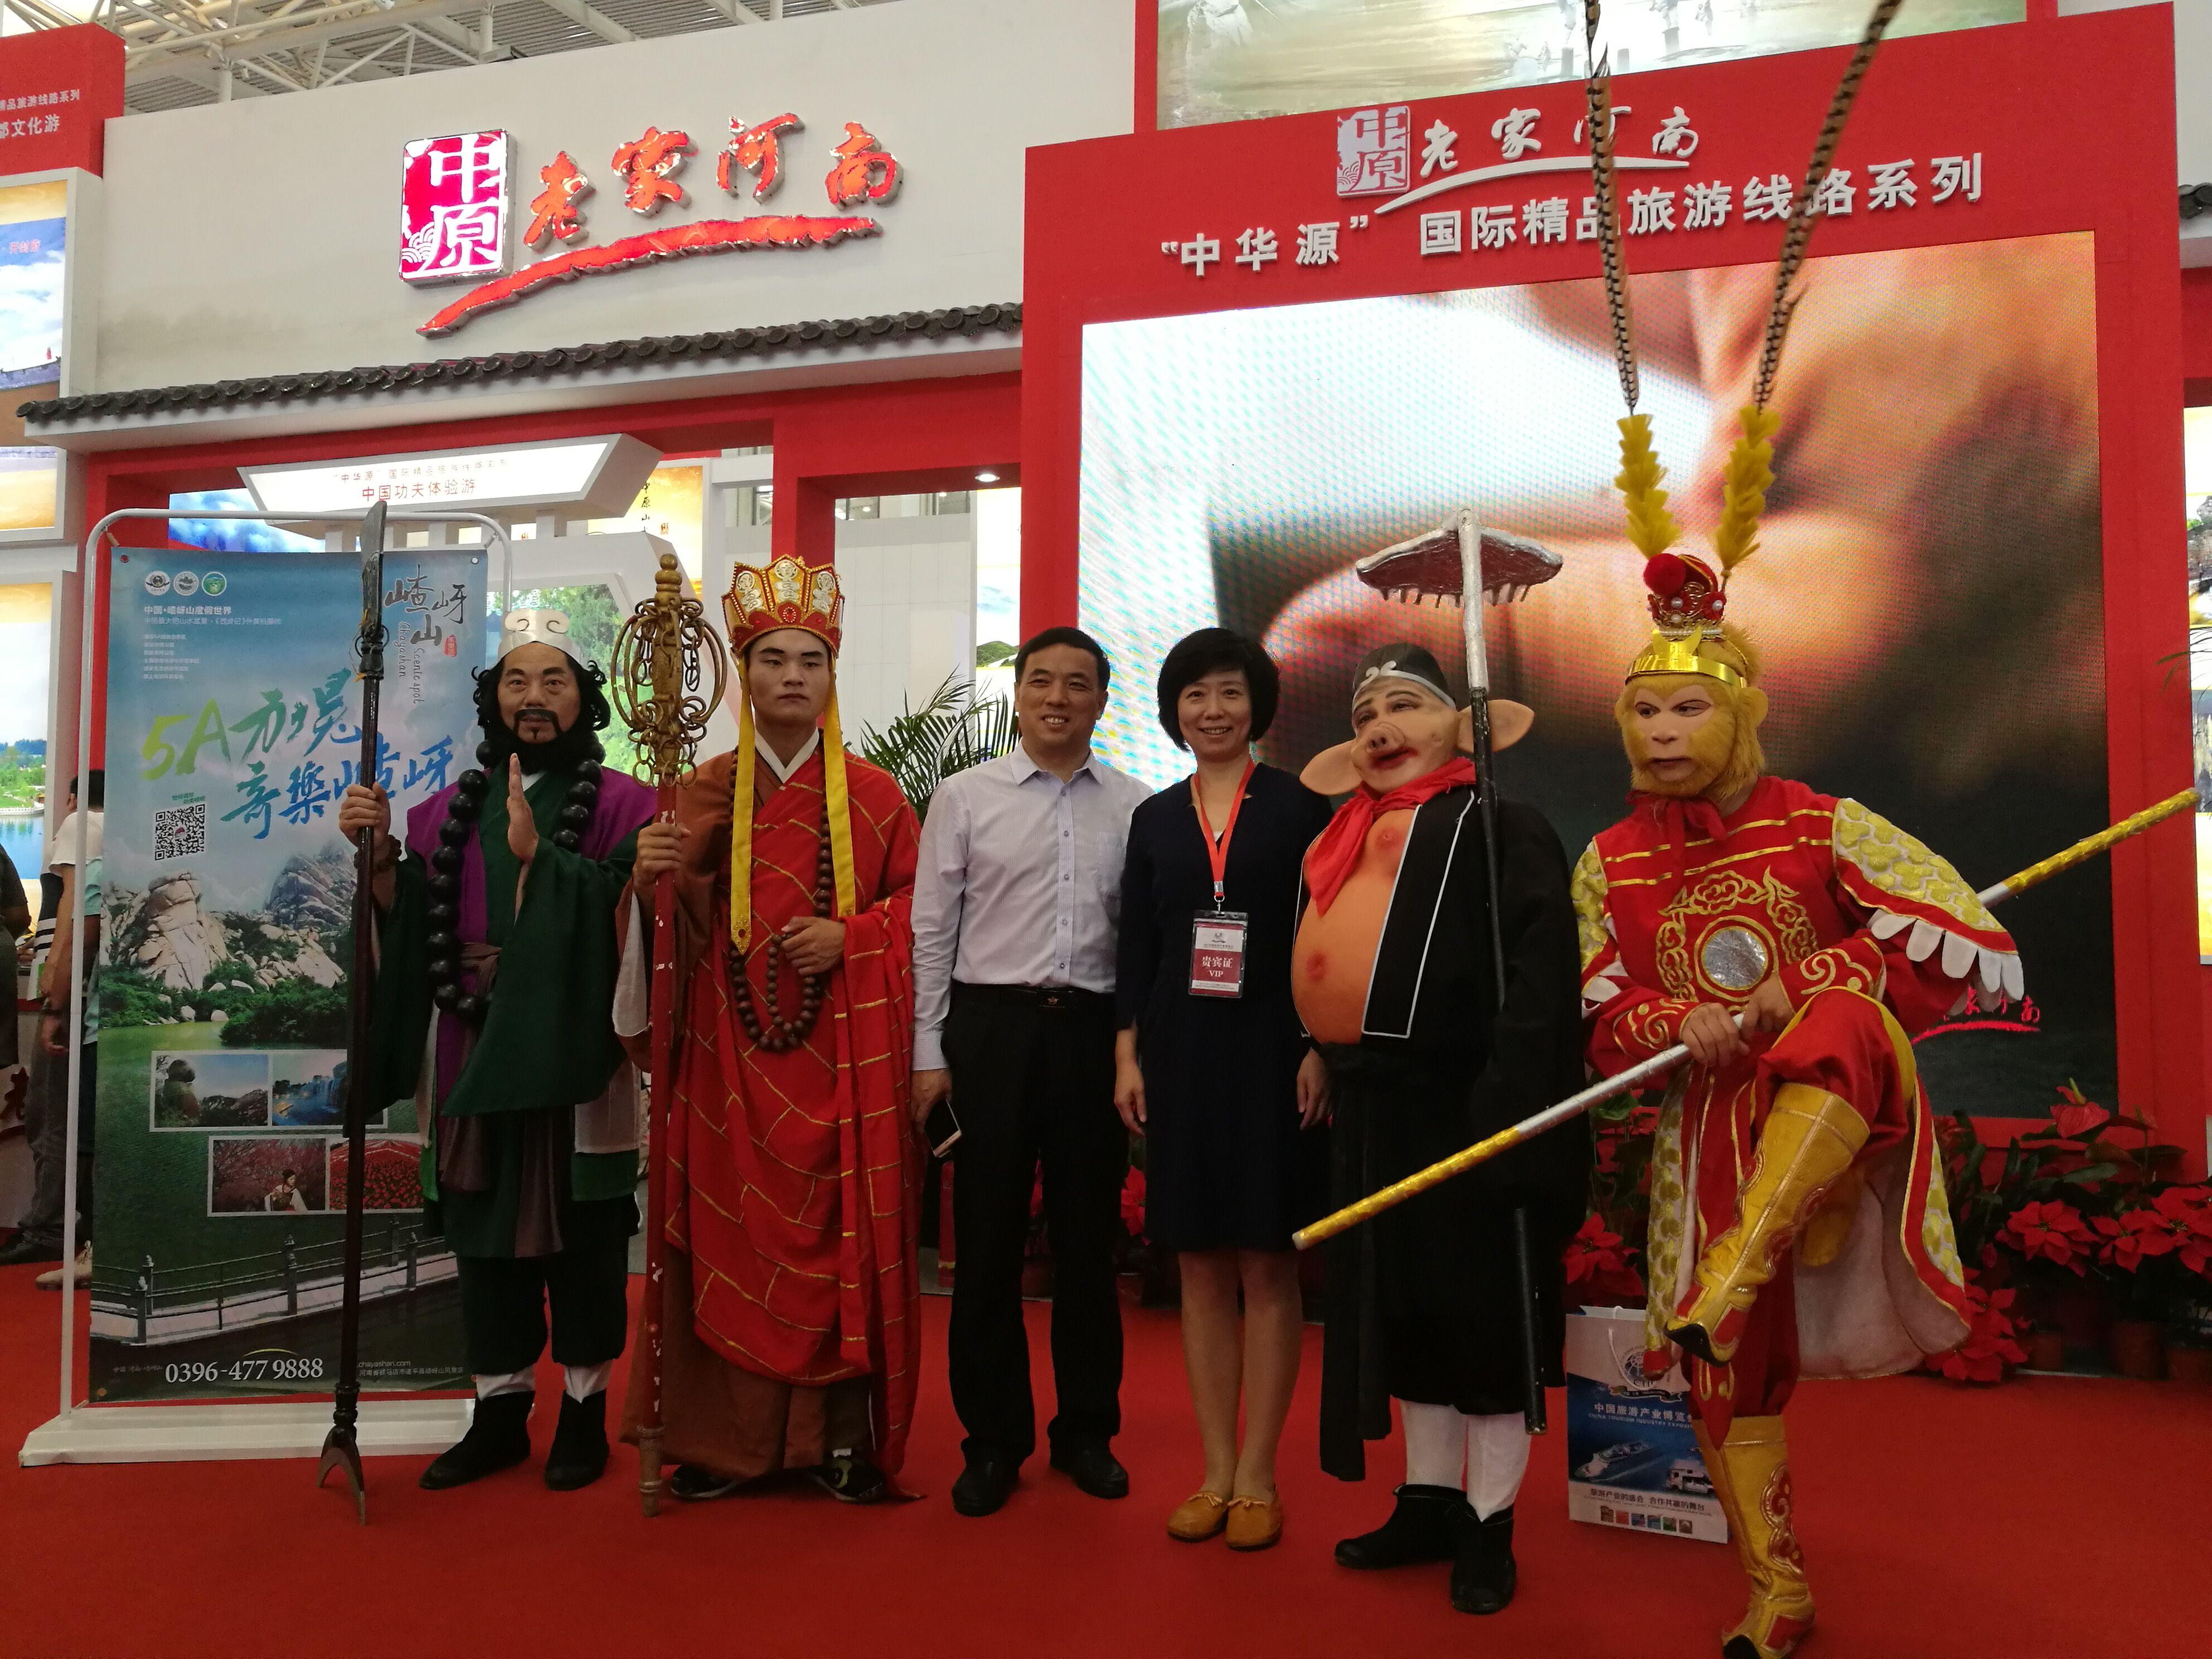 中国旅游产业博览会在天津召开  驻马店西游文化表演倍受瞩目